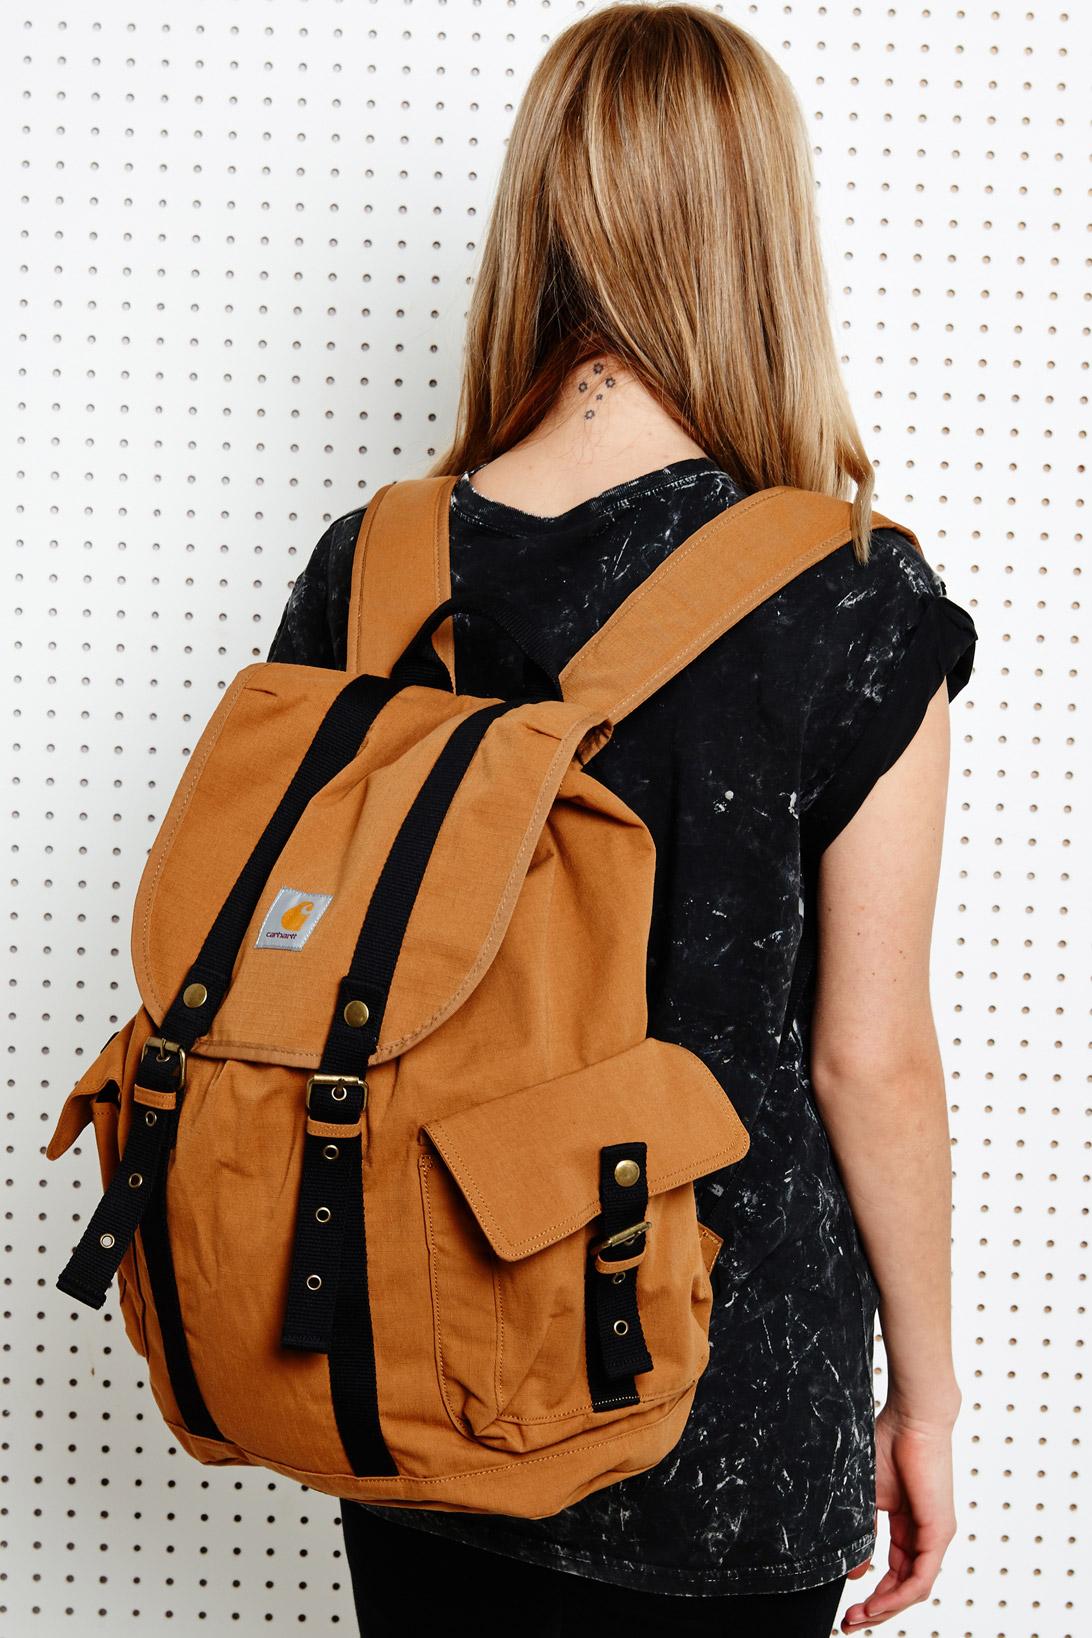 Carhartt Tramp Backpack in Brown in Brown - Lyst